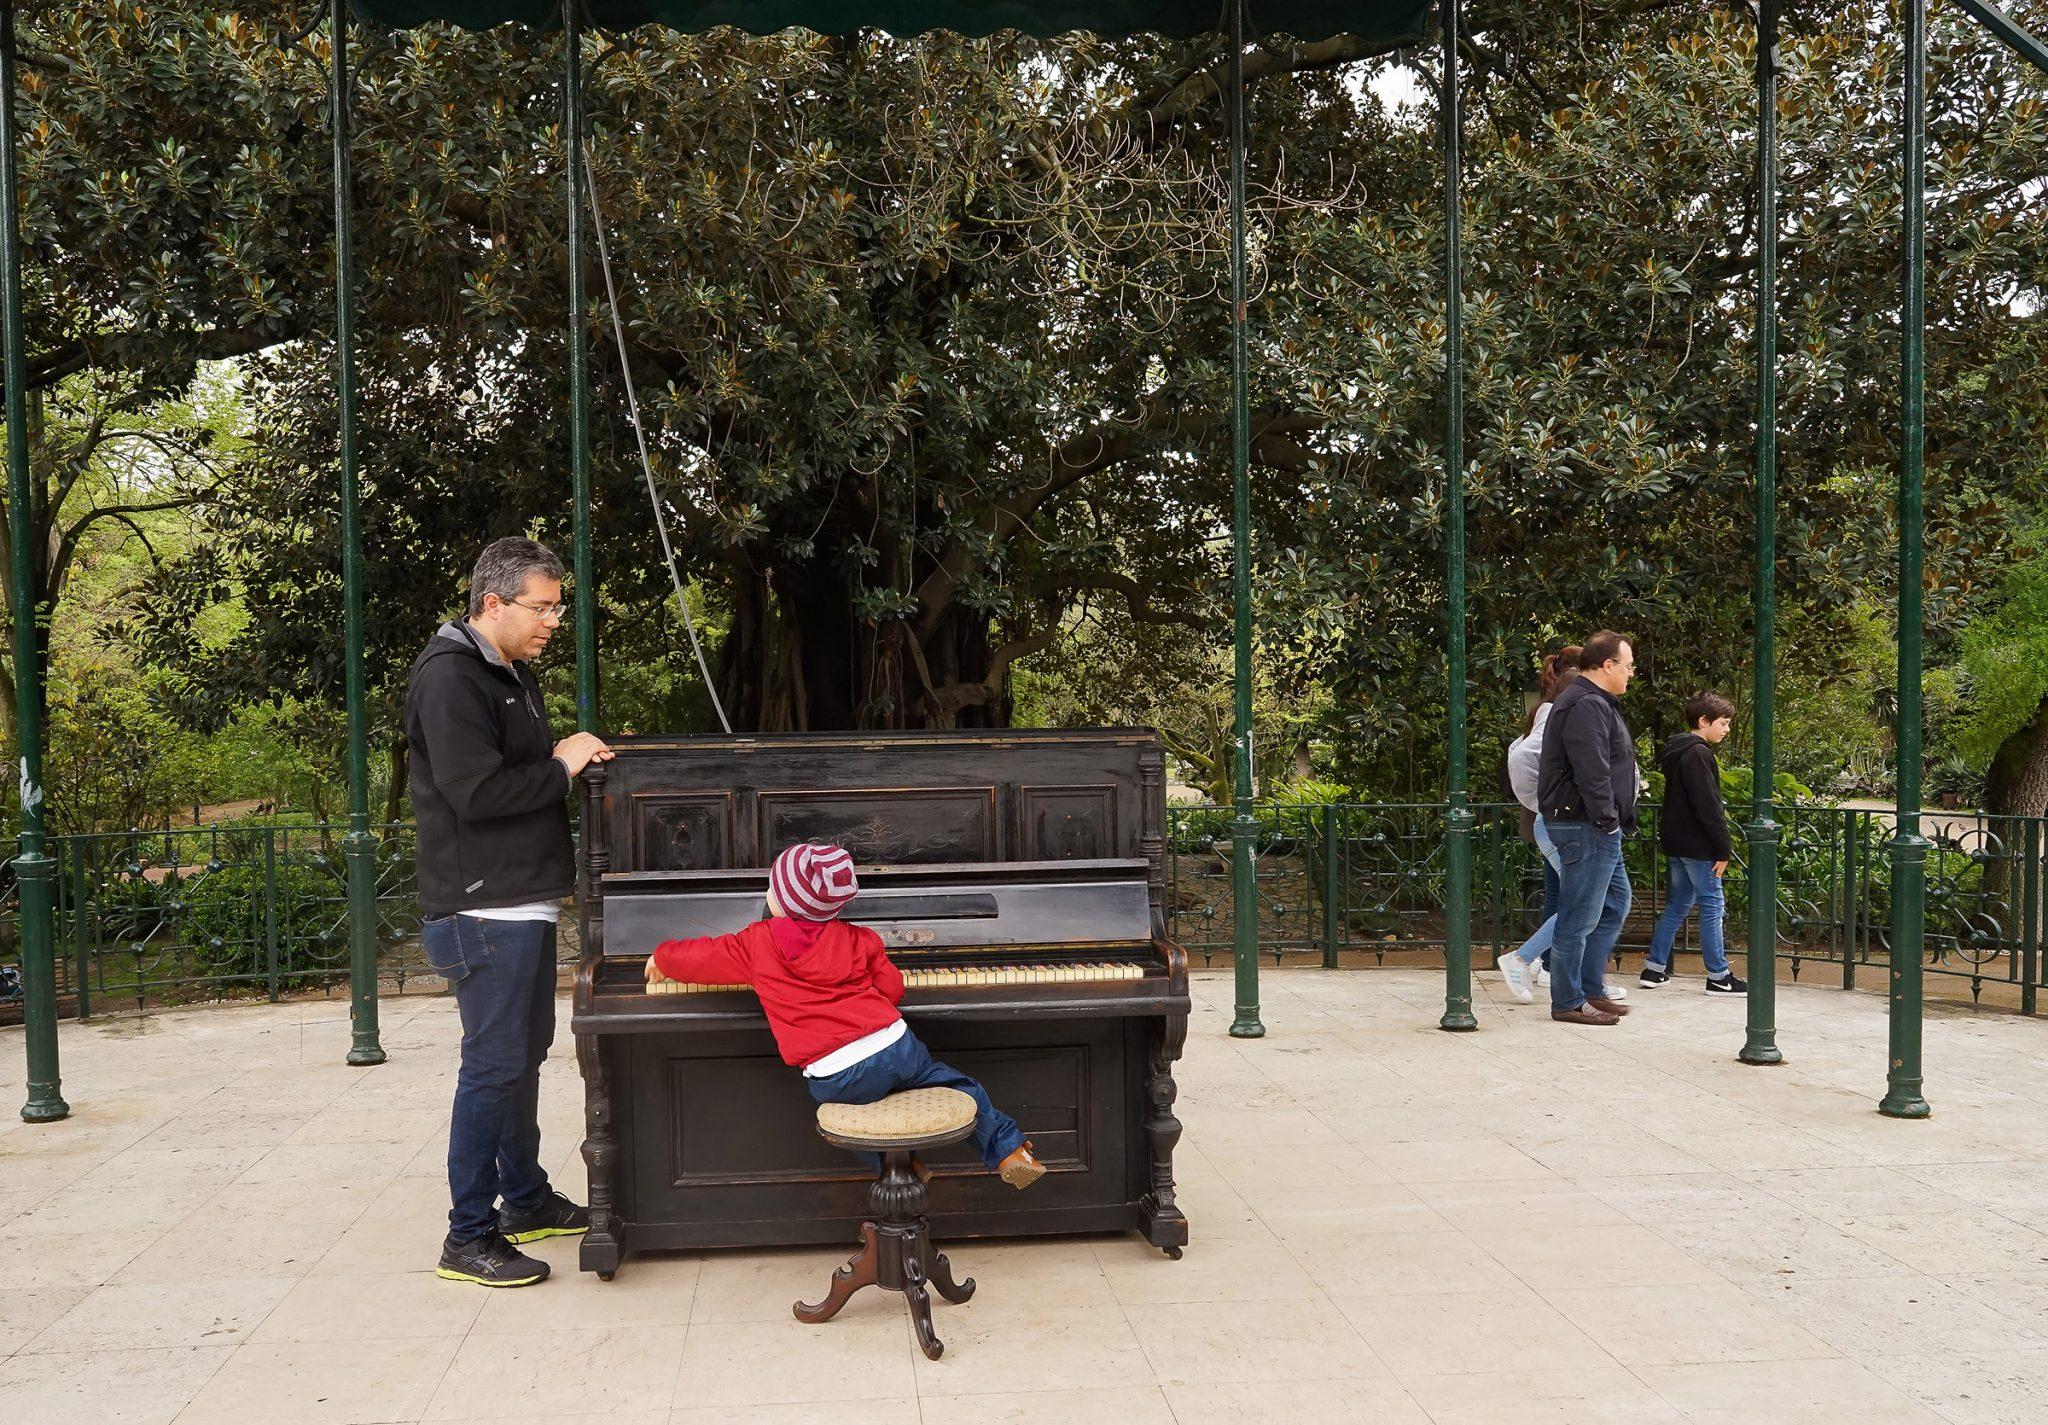 Uma criança toca num piano instalado no meio de um jardim, sob a observação de um adulto debruçado no lado esquerdo do instrumento.